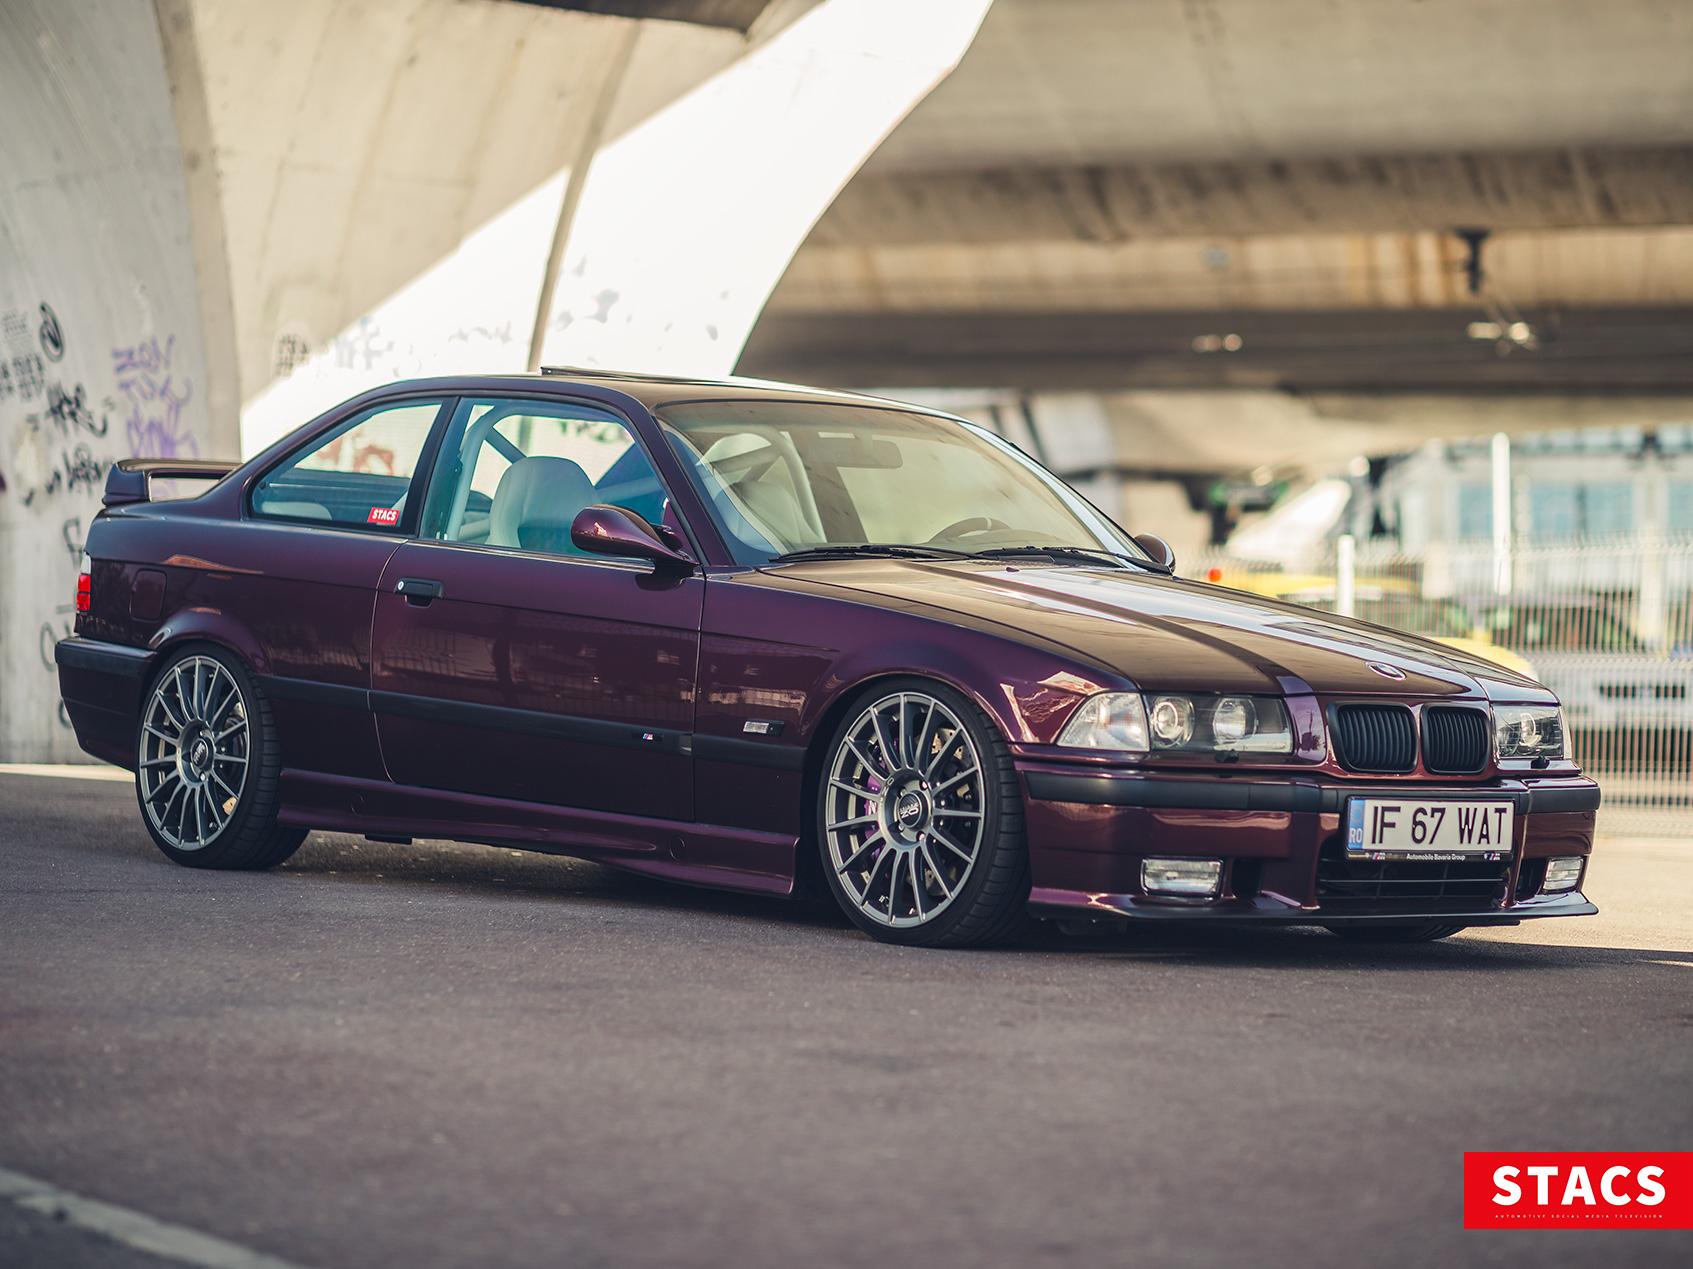 Ep 23 – BMW E36 328 M